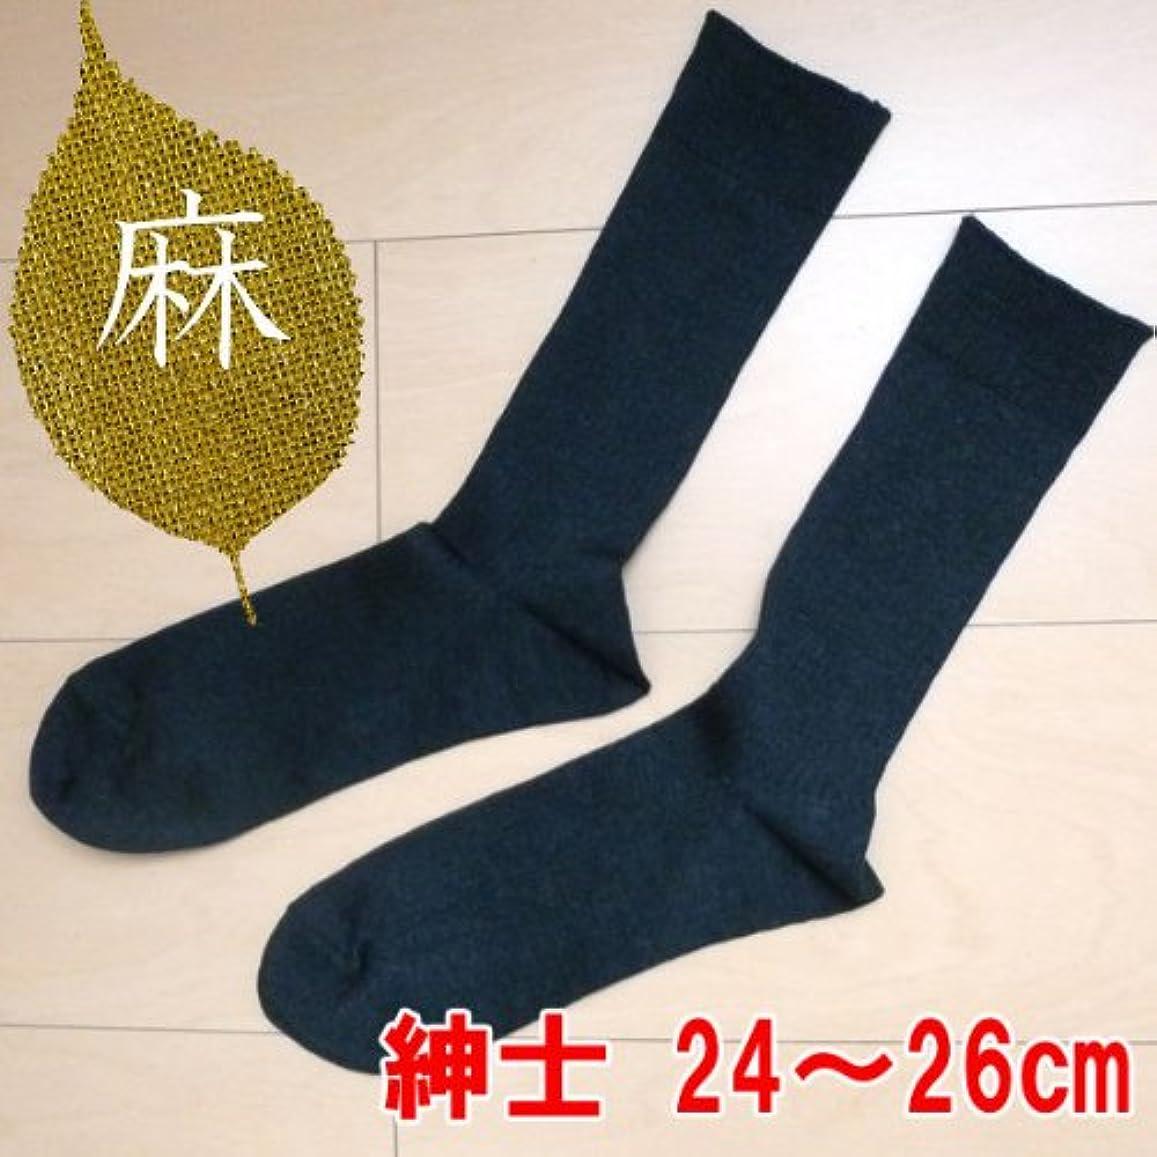 市民権女の子影リブソックス 麻 日本製 男性用 無地 24~26cm 防臭 速乾